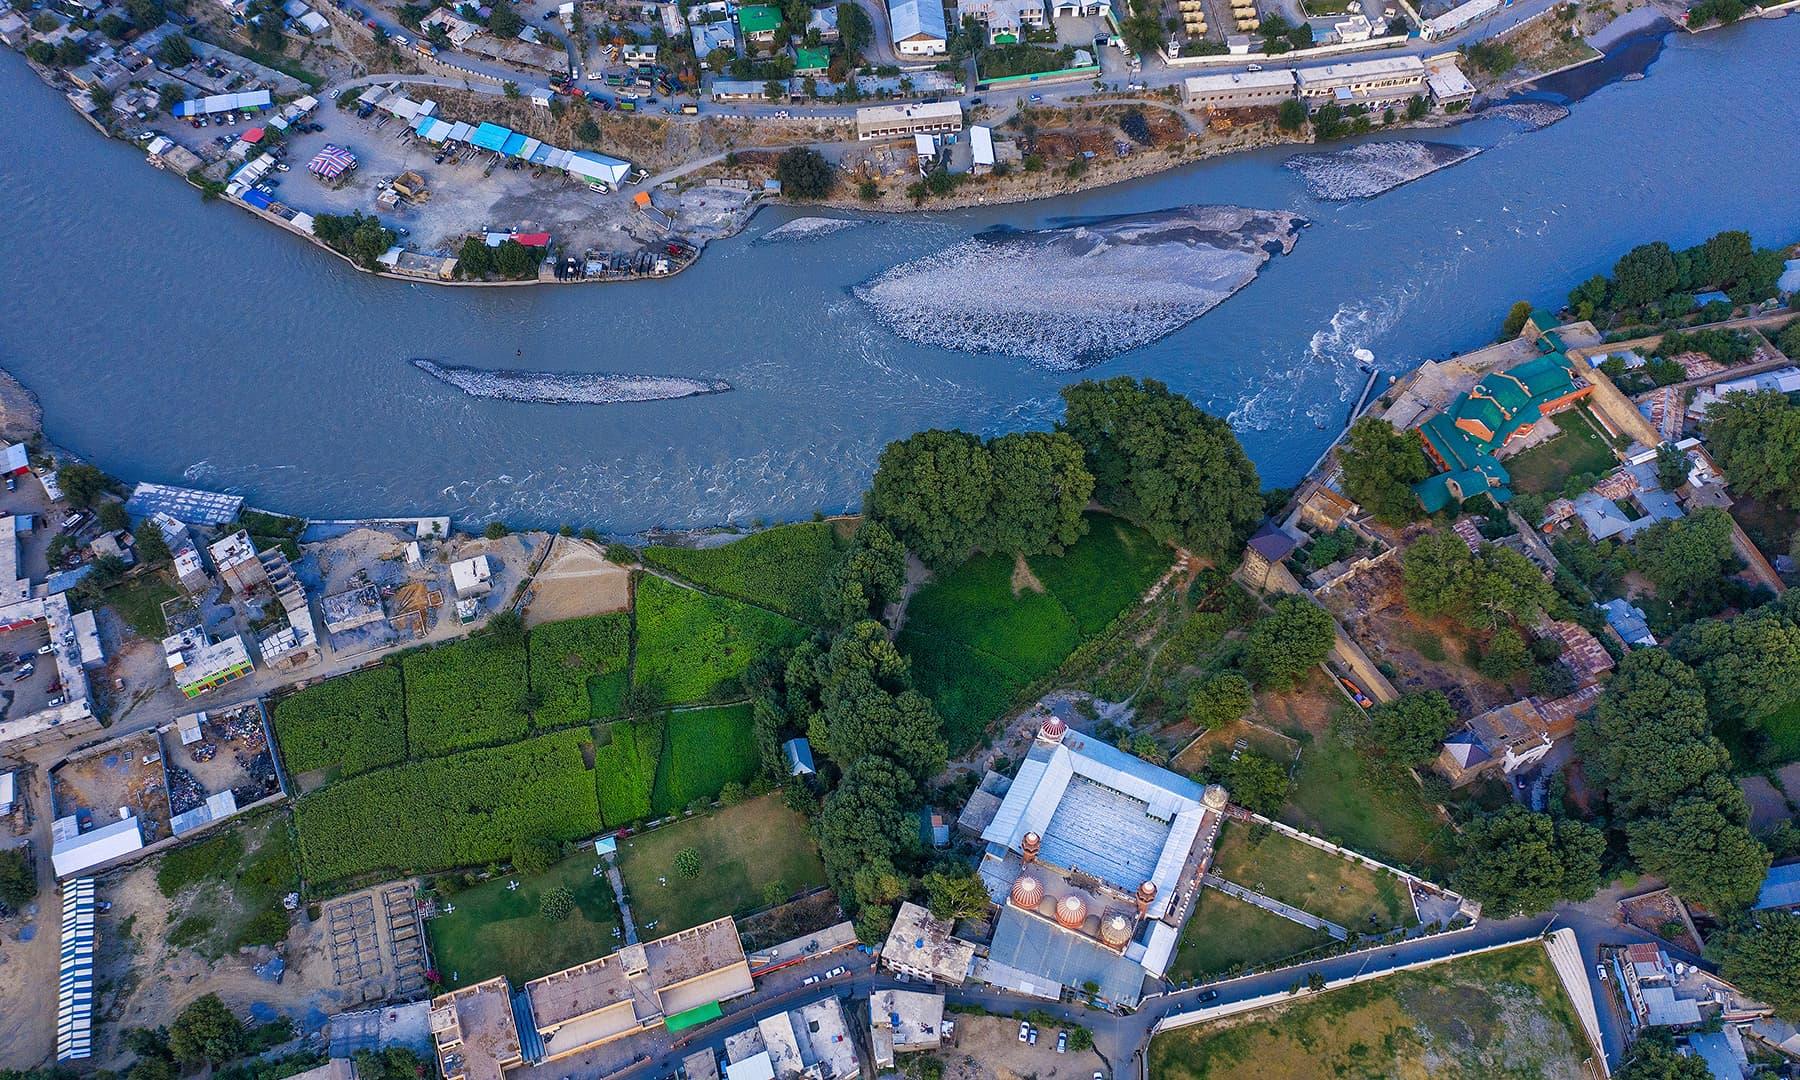 شاہی مسجد اور قرب و جوار—سید مہدی بخاری